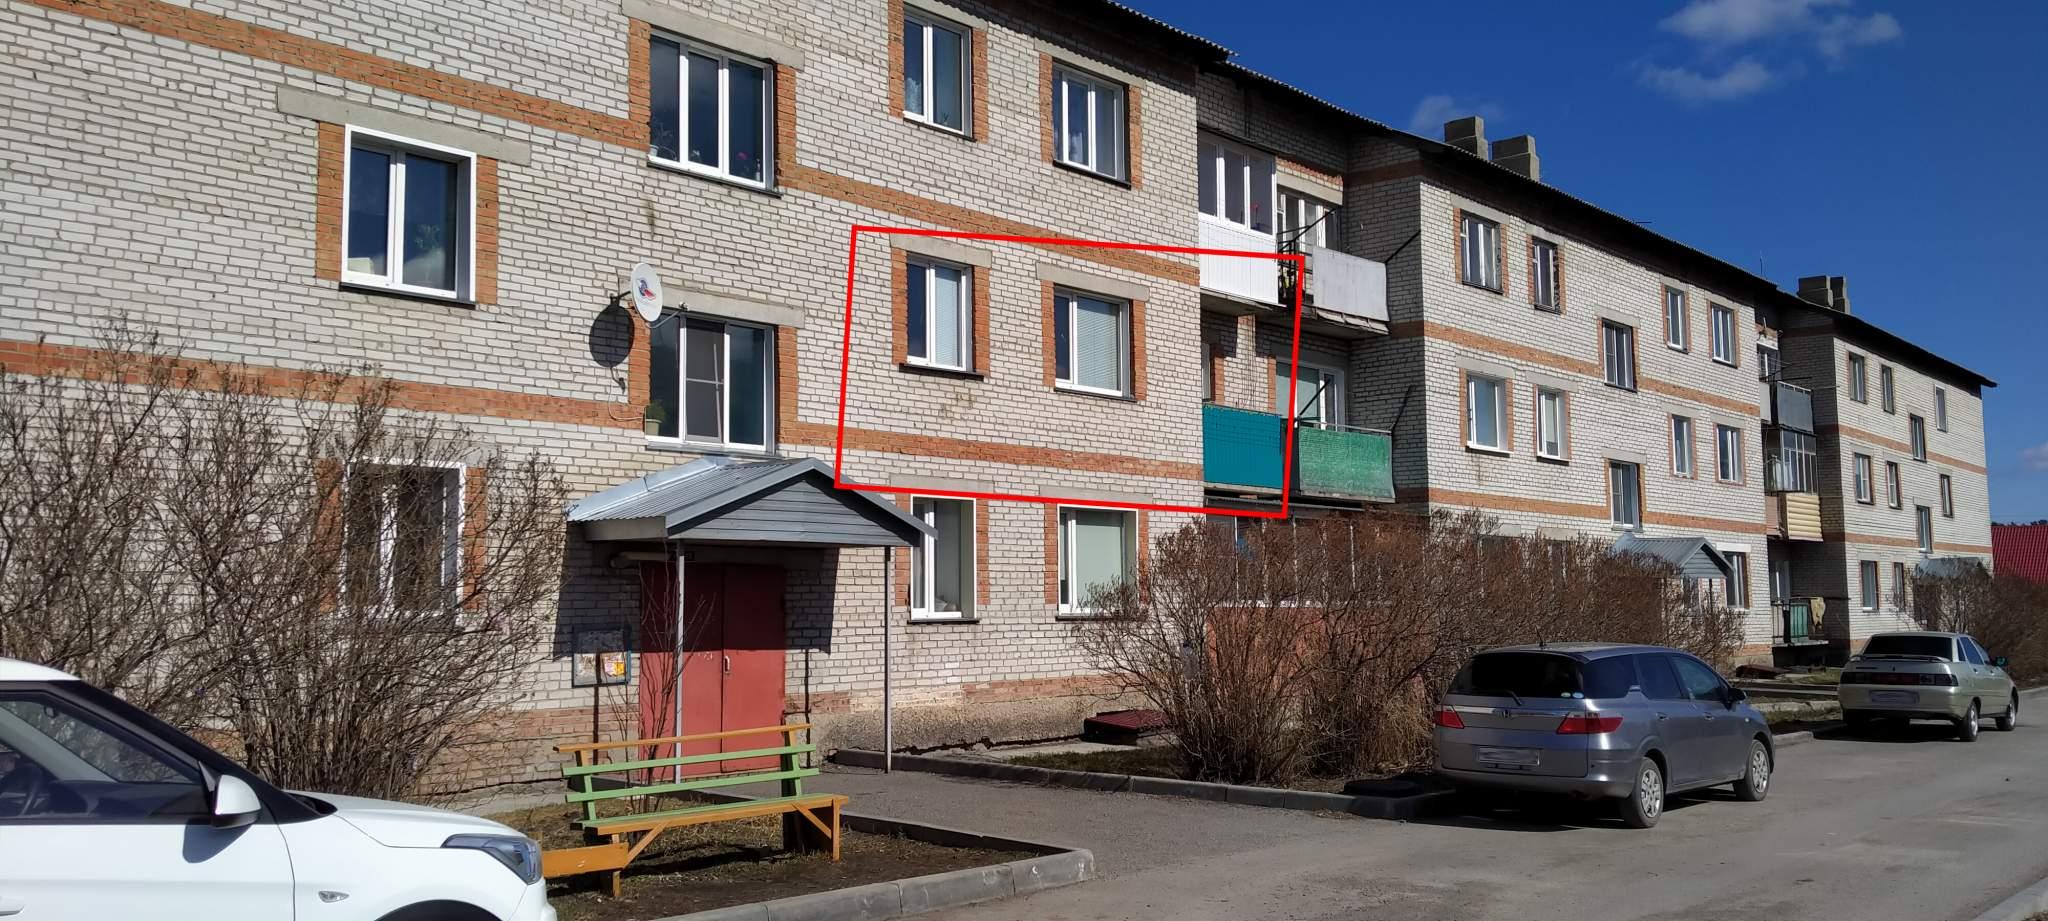 п. Ордынское, 53, 3-к квартира